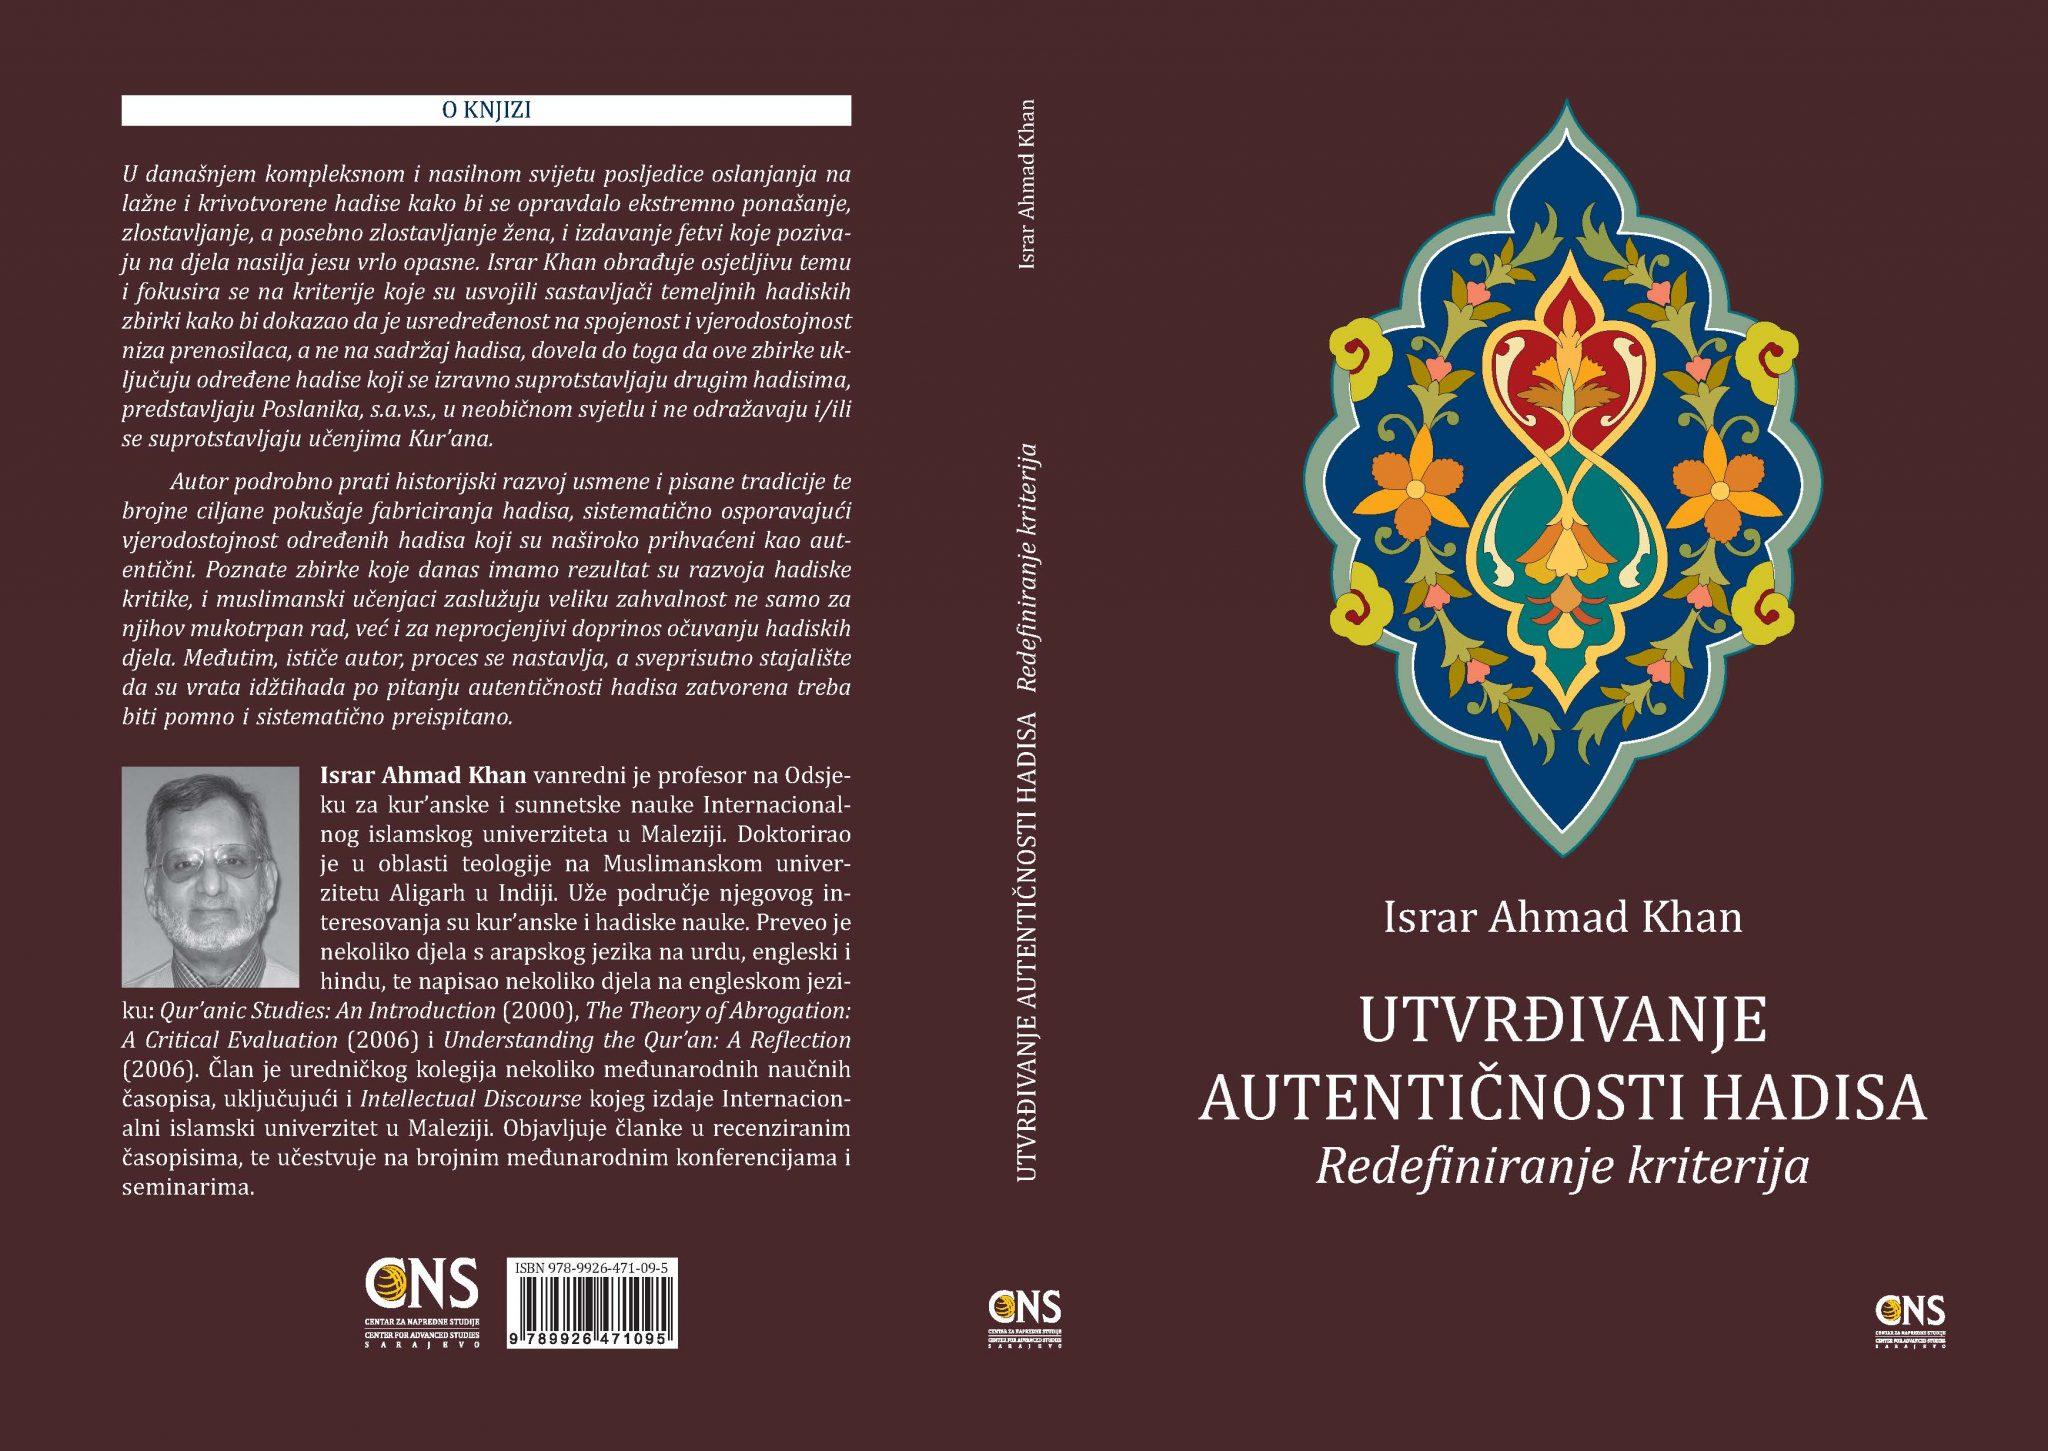 Utvrđivanje autentičnosti hadisa: redefiniranje kriterija